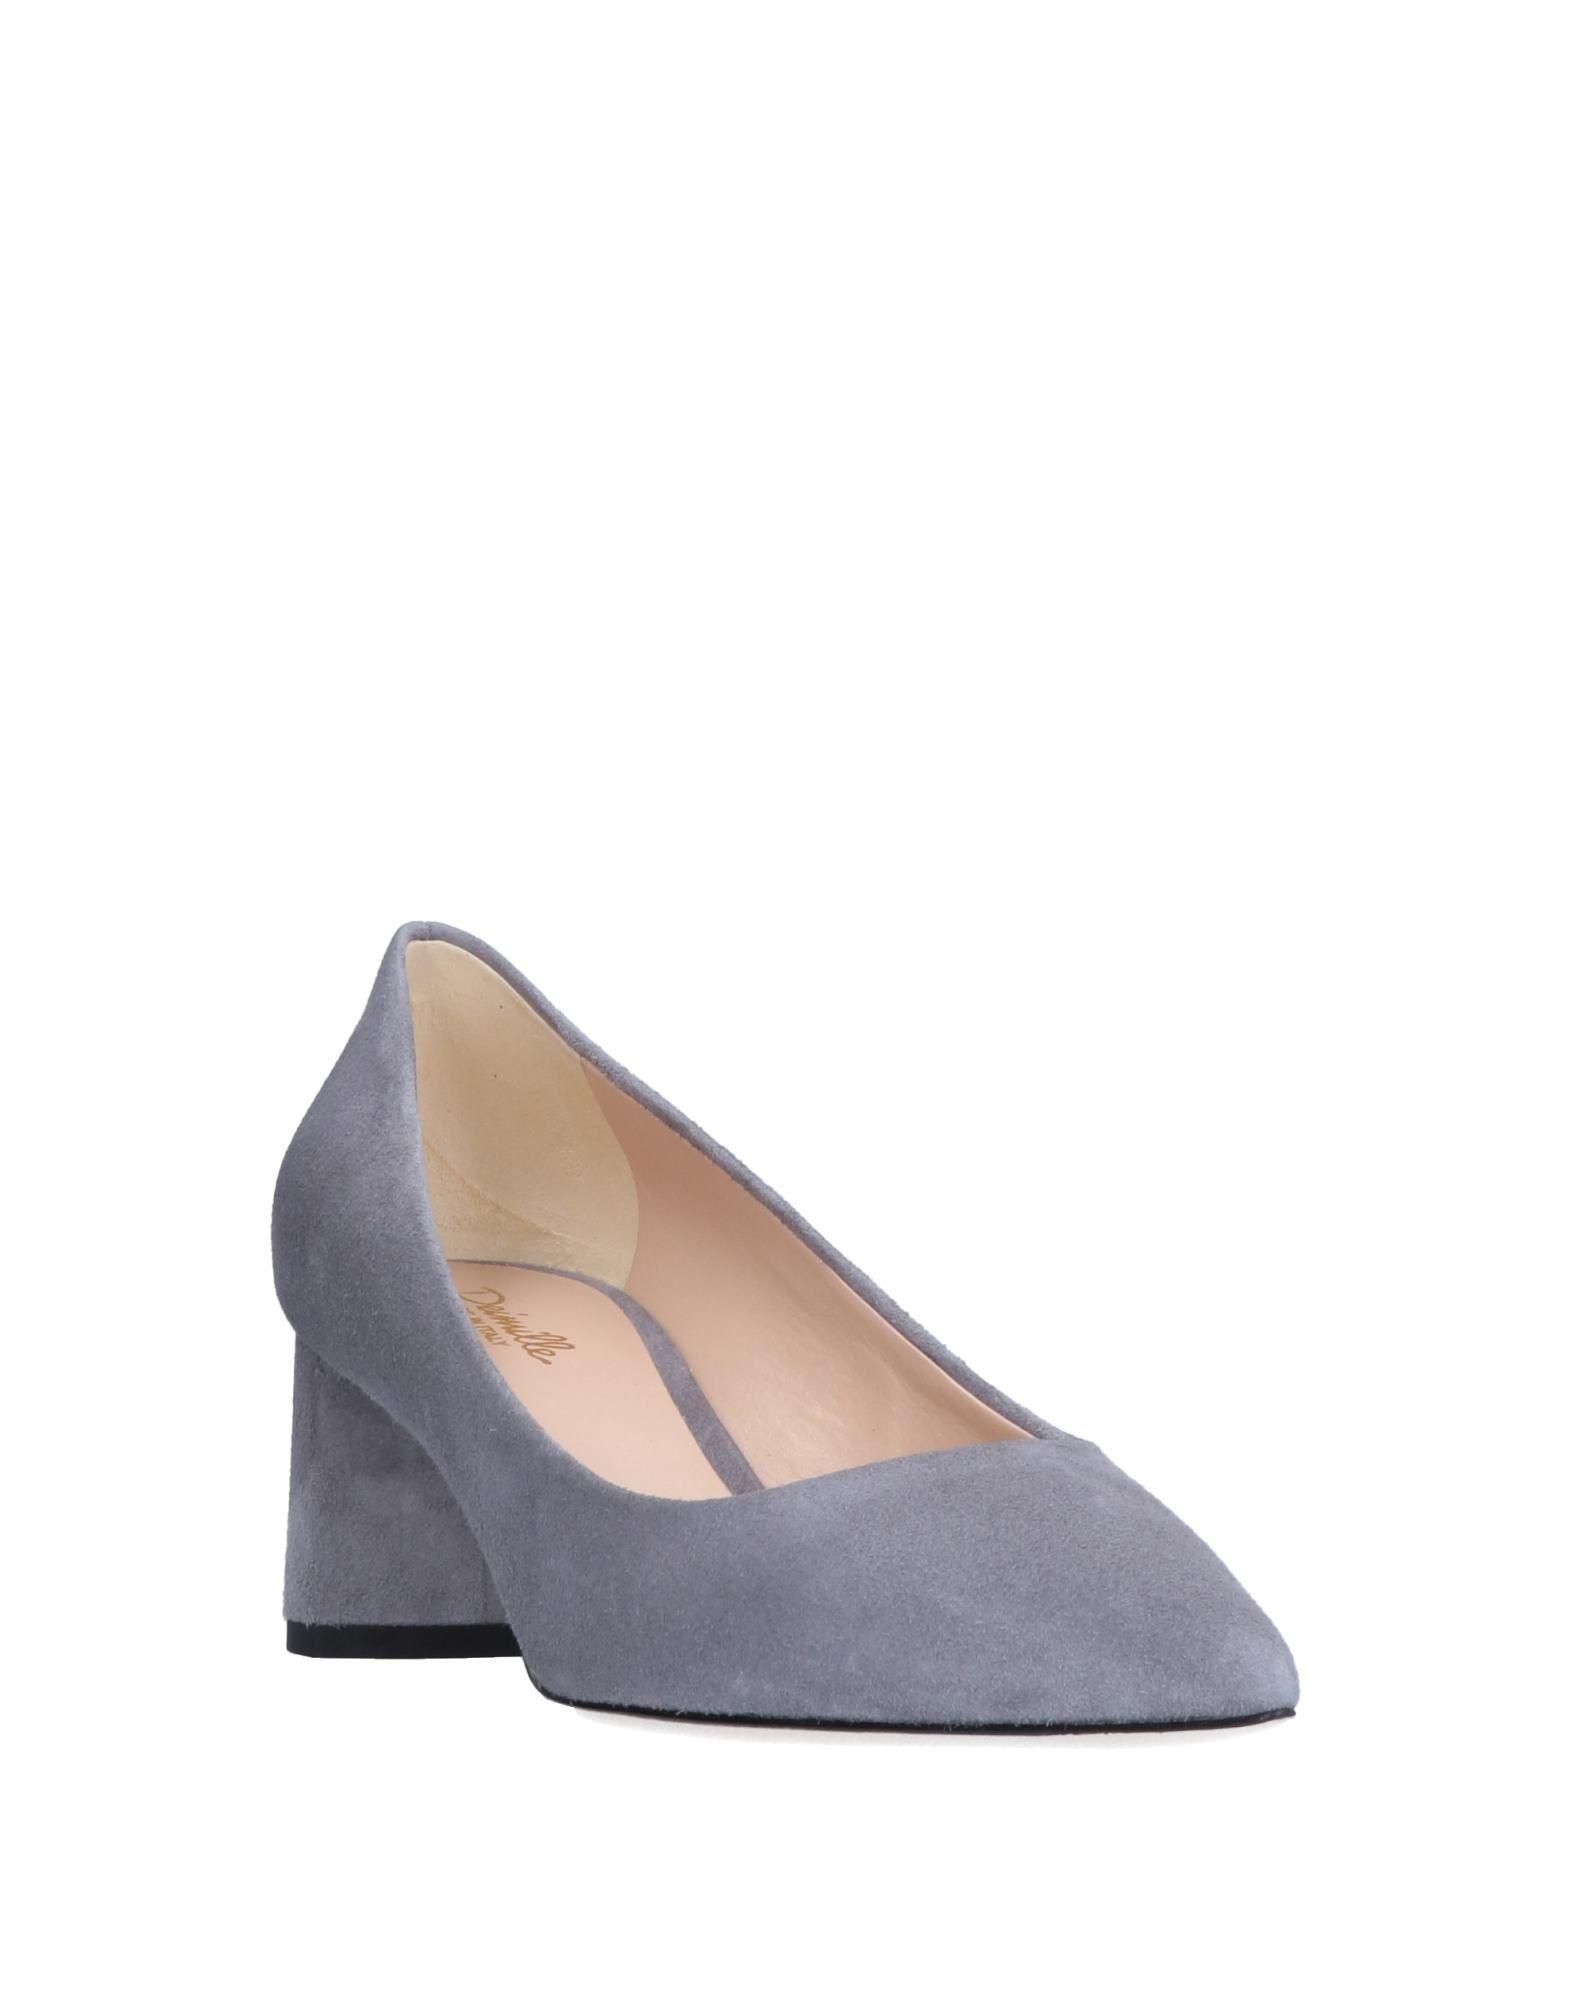 Stilvolle Damen billige Schuhe Deimille Pumps Damen Stilvolle  11550847UD 611ed6